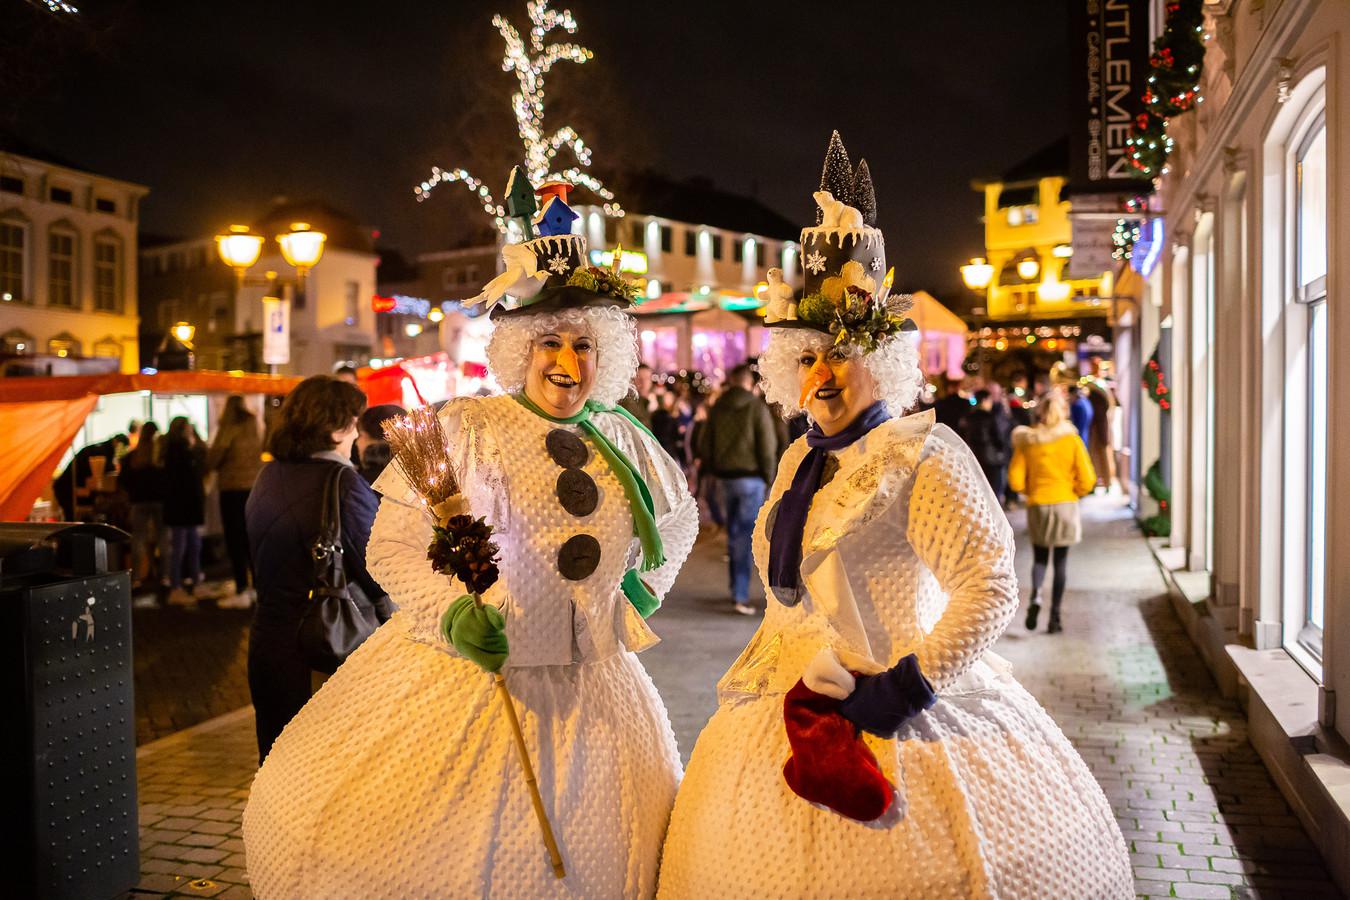 Deze als sneeuwpoppen verkleedde dames droegen eerder bij aan de kerstsfeer.